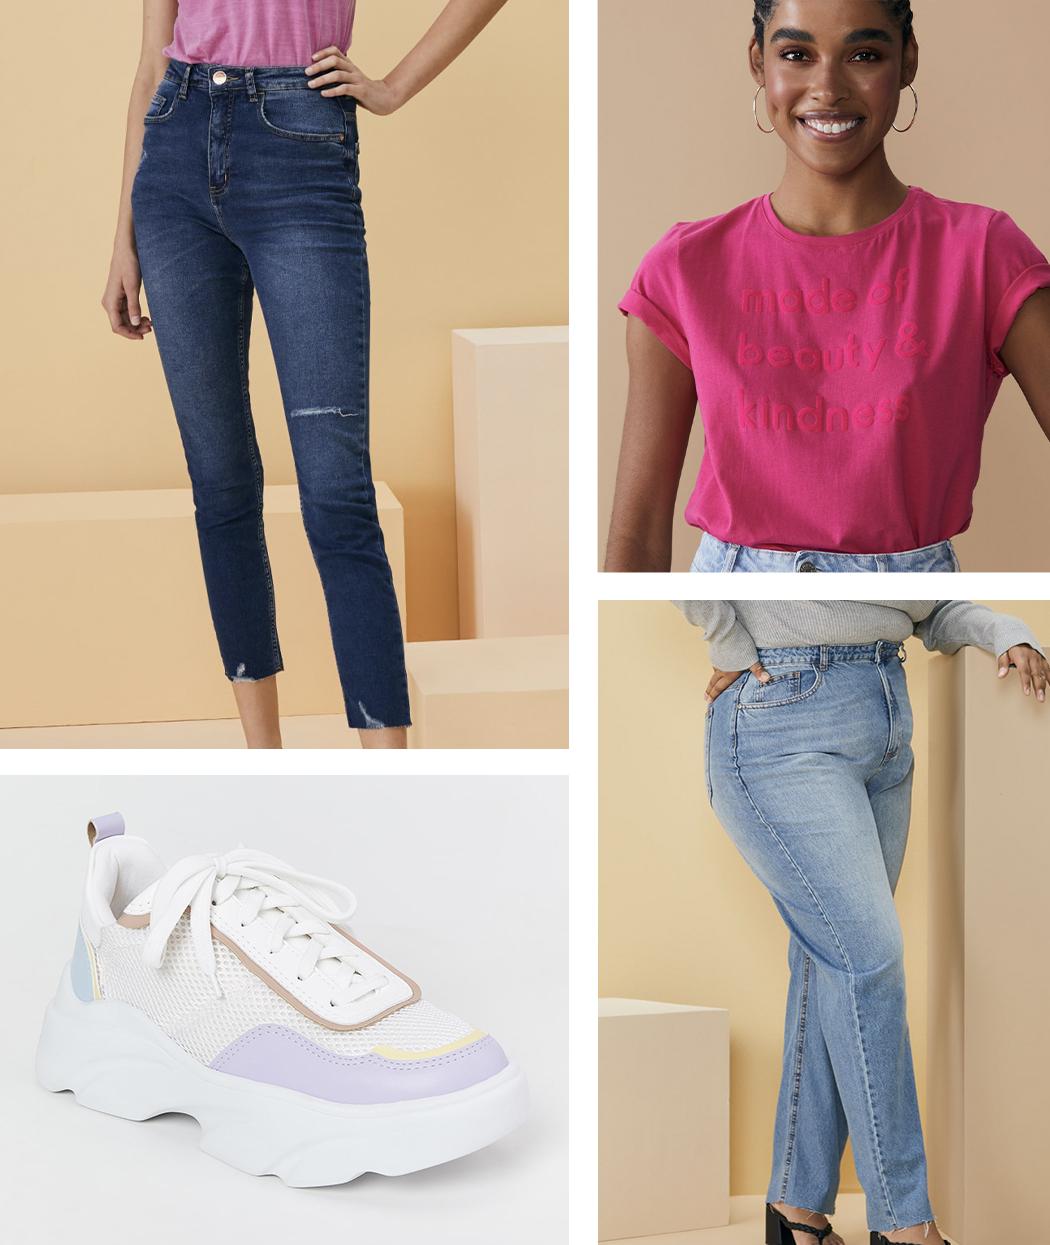 Calça jeans com Tênis Esportivo